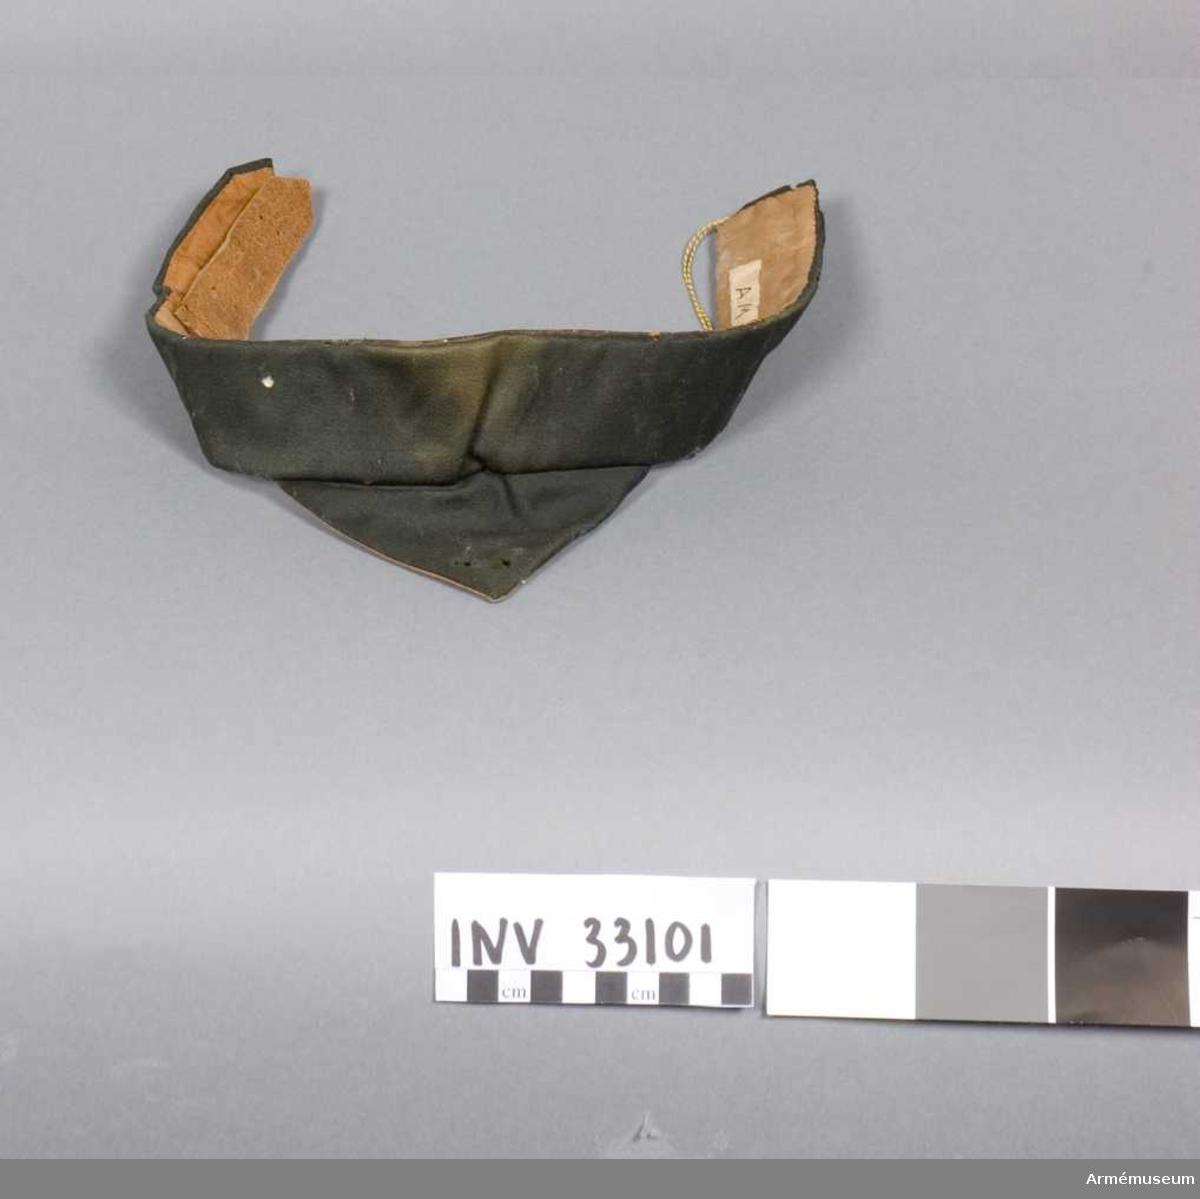 Grupp C I.  Hlasduk av svart yllekypert. Foder av linne med två stycken svarta stämplar. En tunn läderkant i överkant. Läderstropp av svart spänne för knäppning.